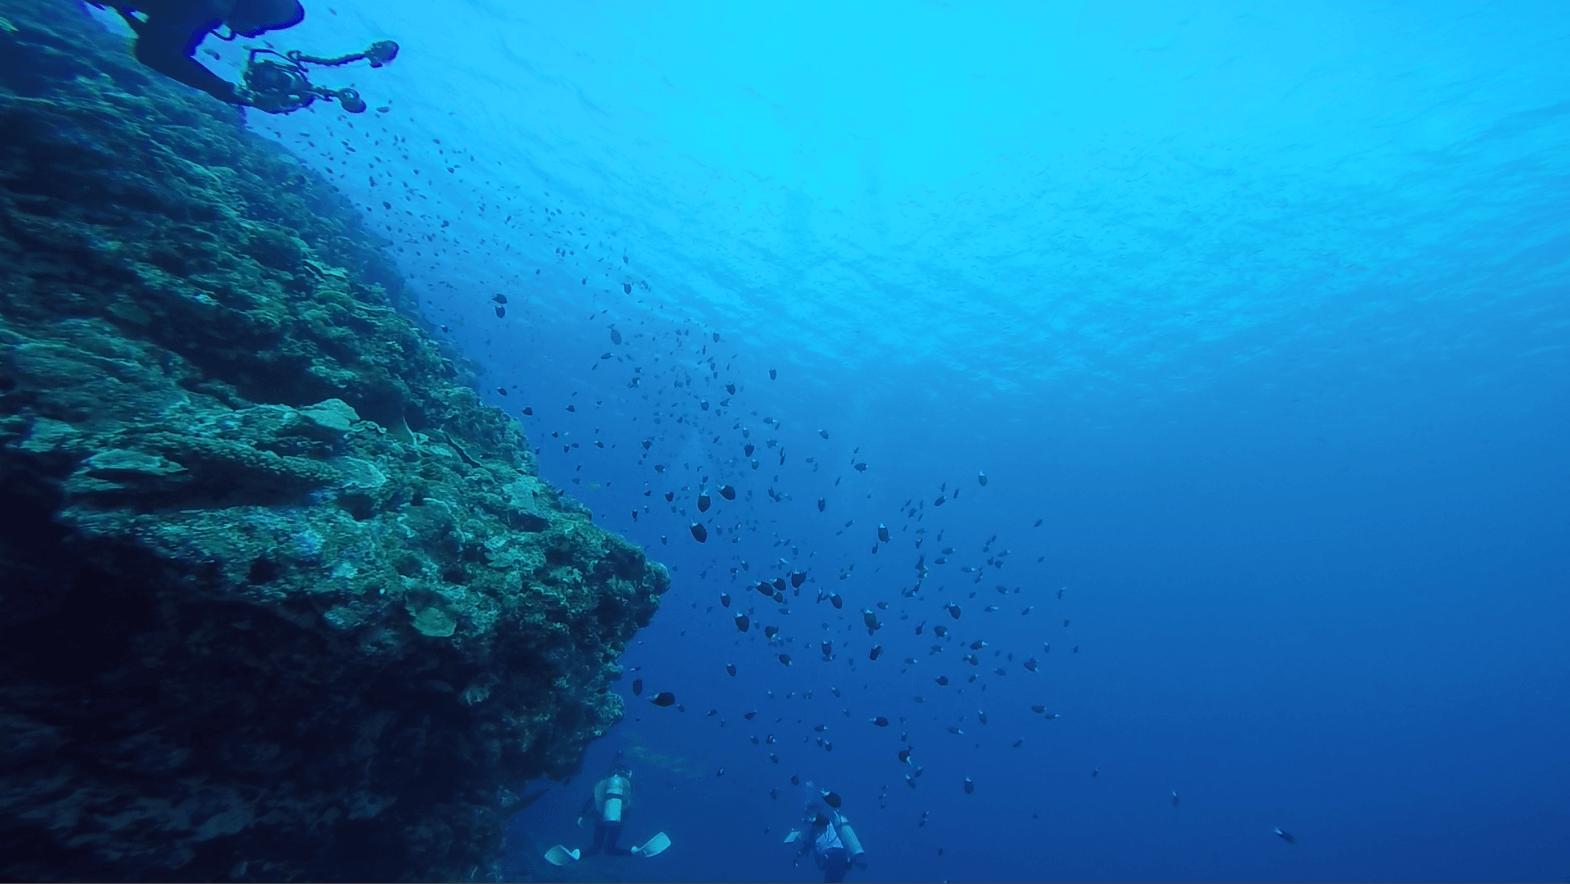 ケラマブルーの画像(透明度抜群の海)